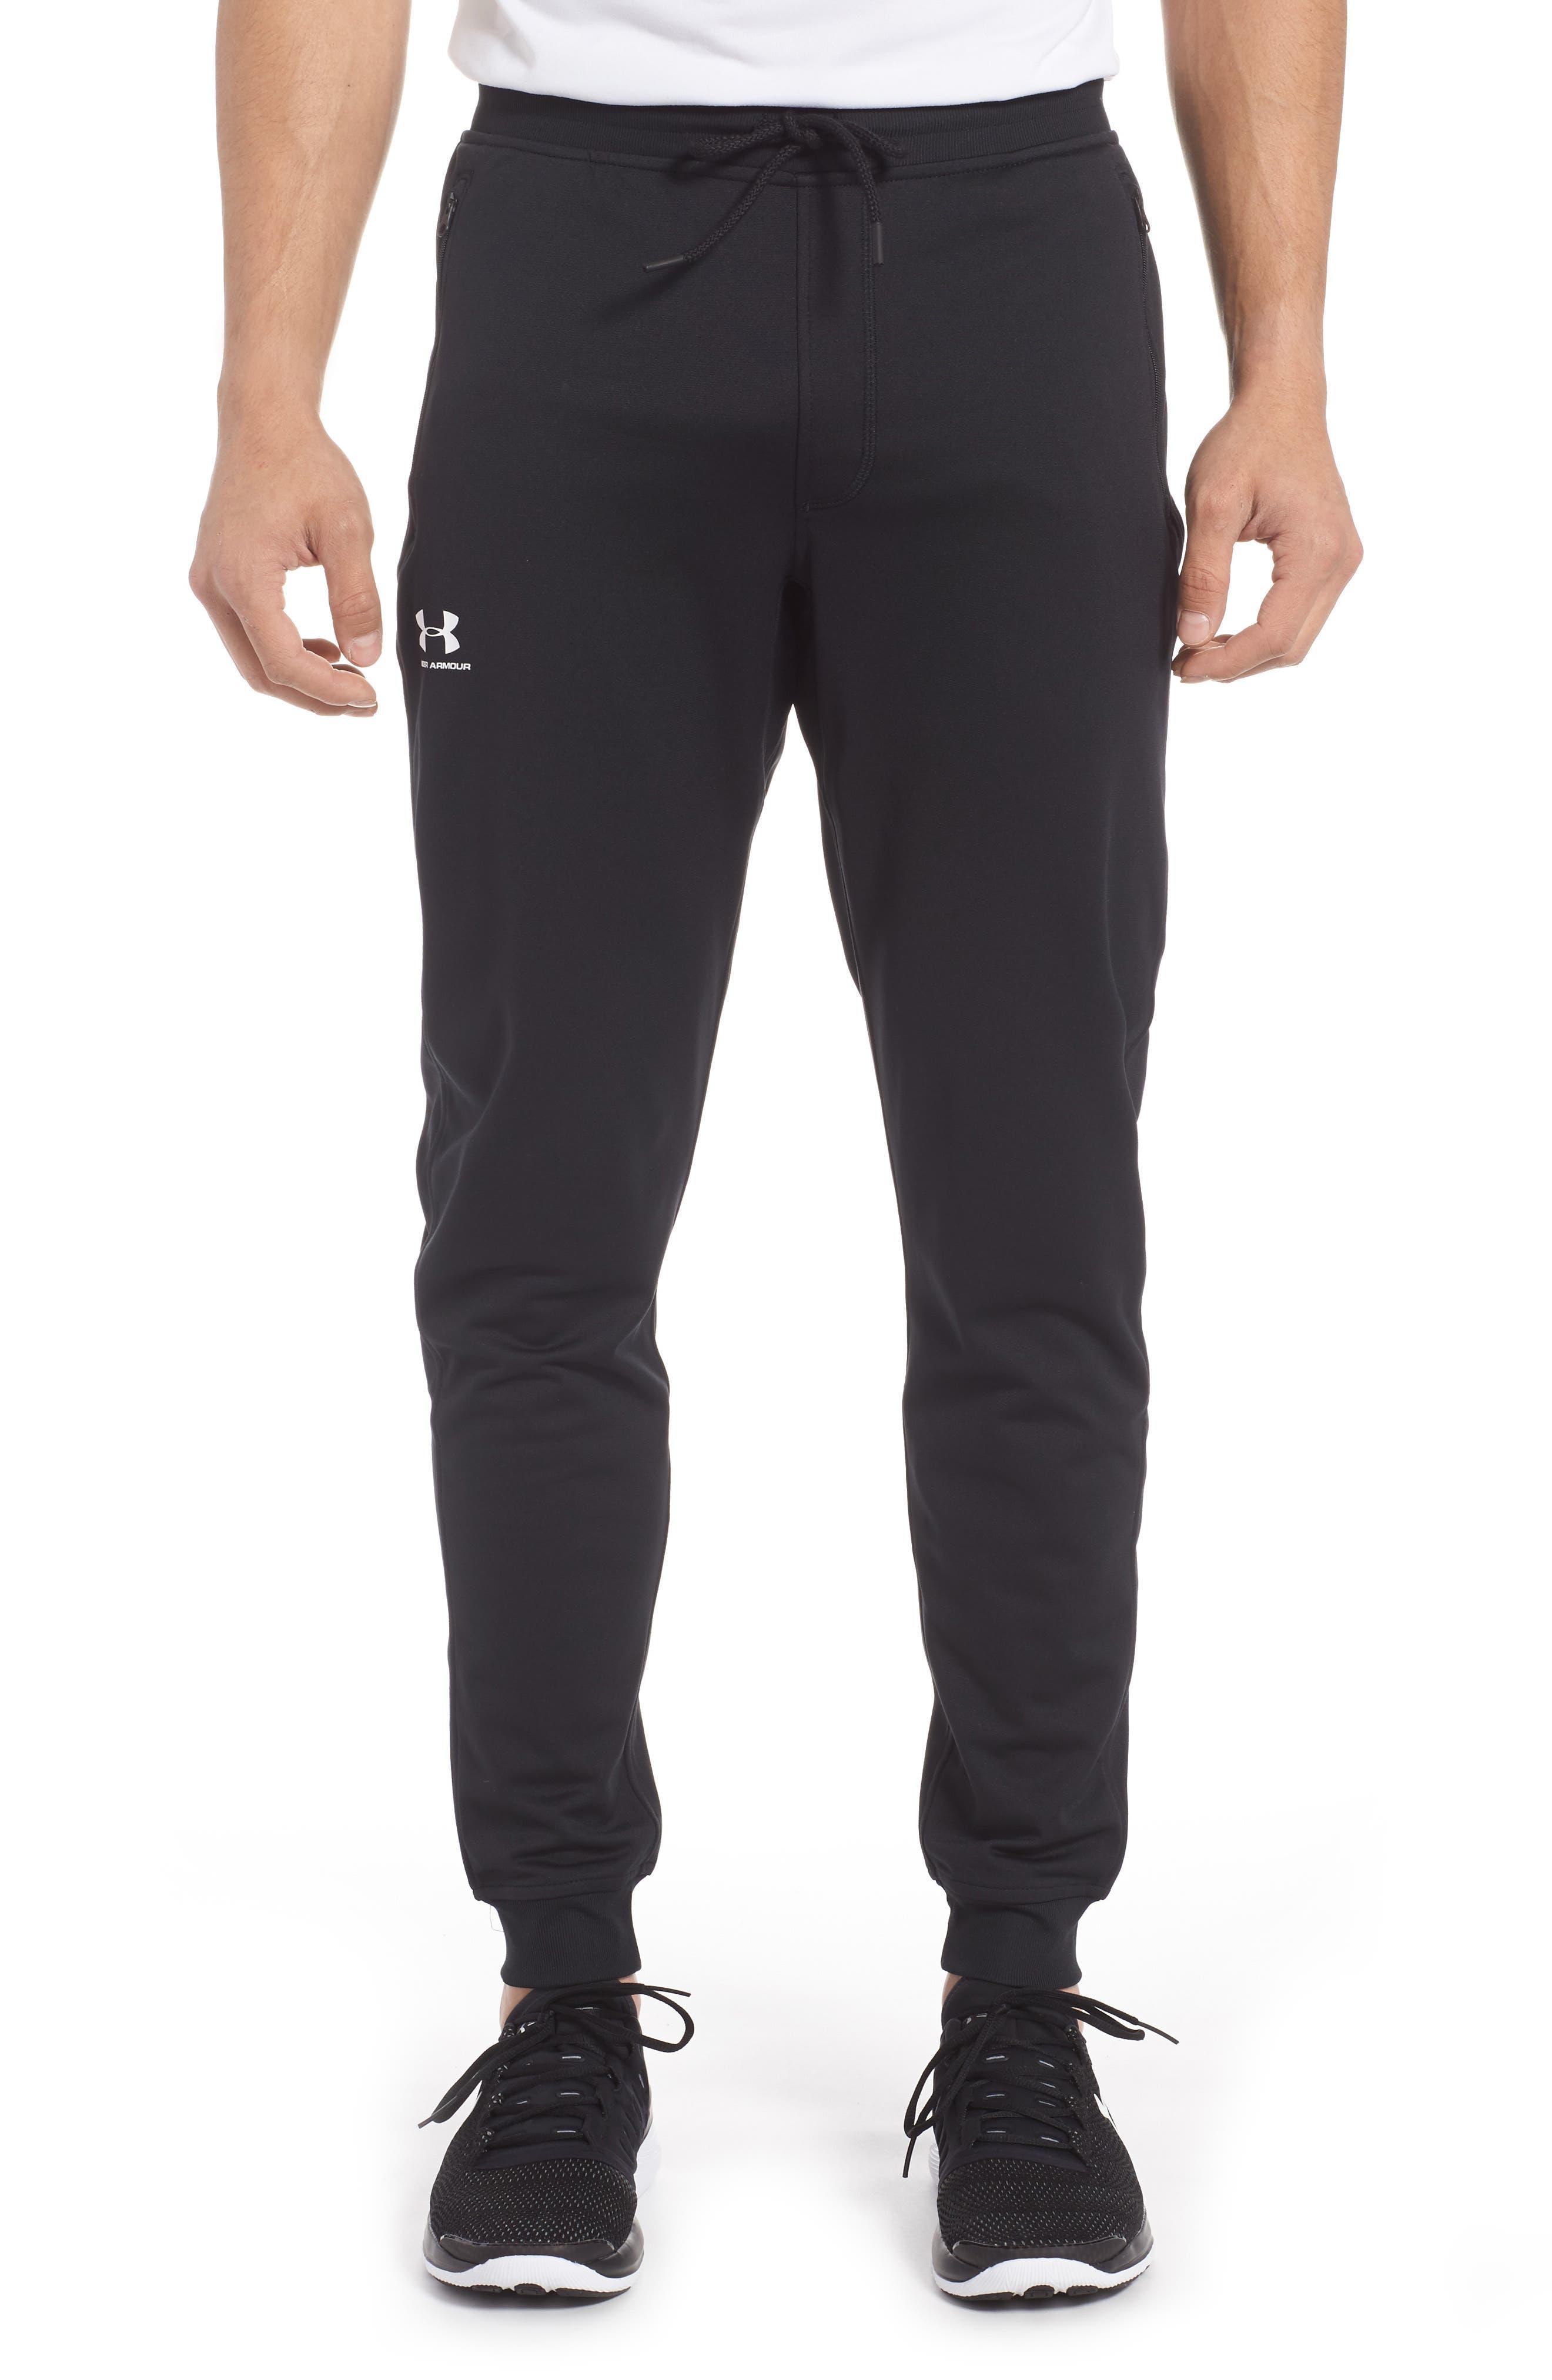 c72790d4c74 190085093469 - Men s Under Armour Sportstyle Knit Jogger Pants - UPC ...